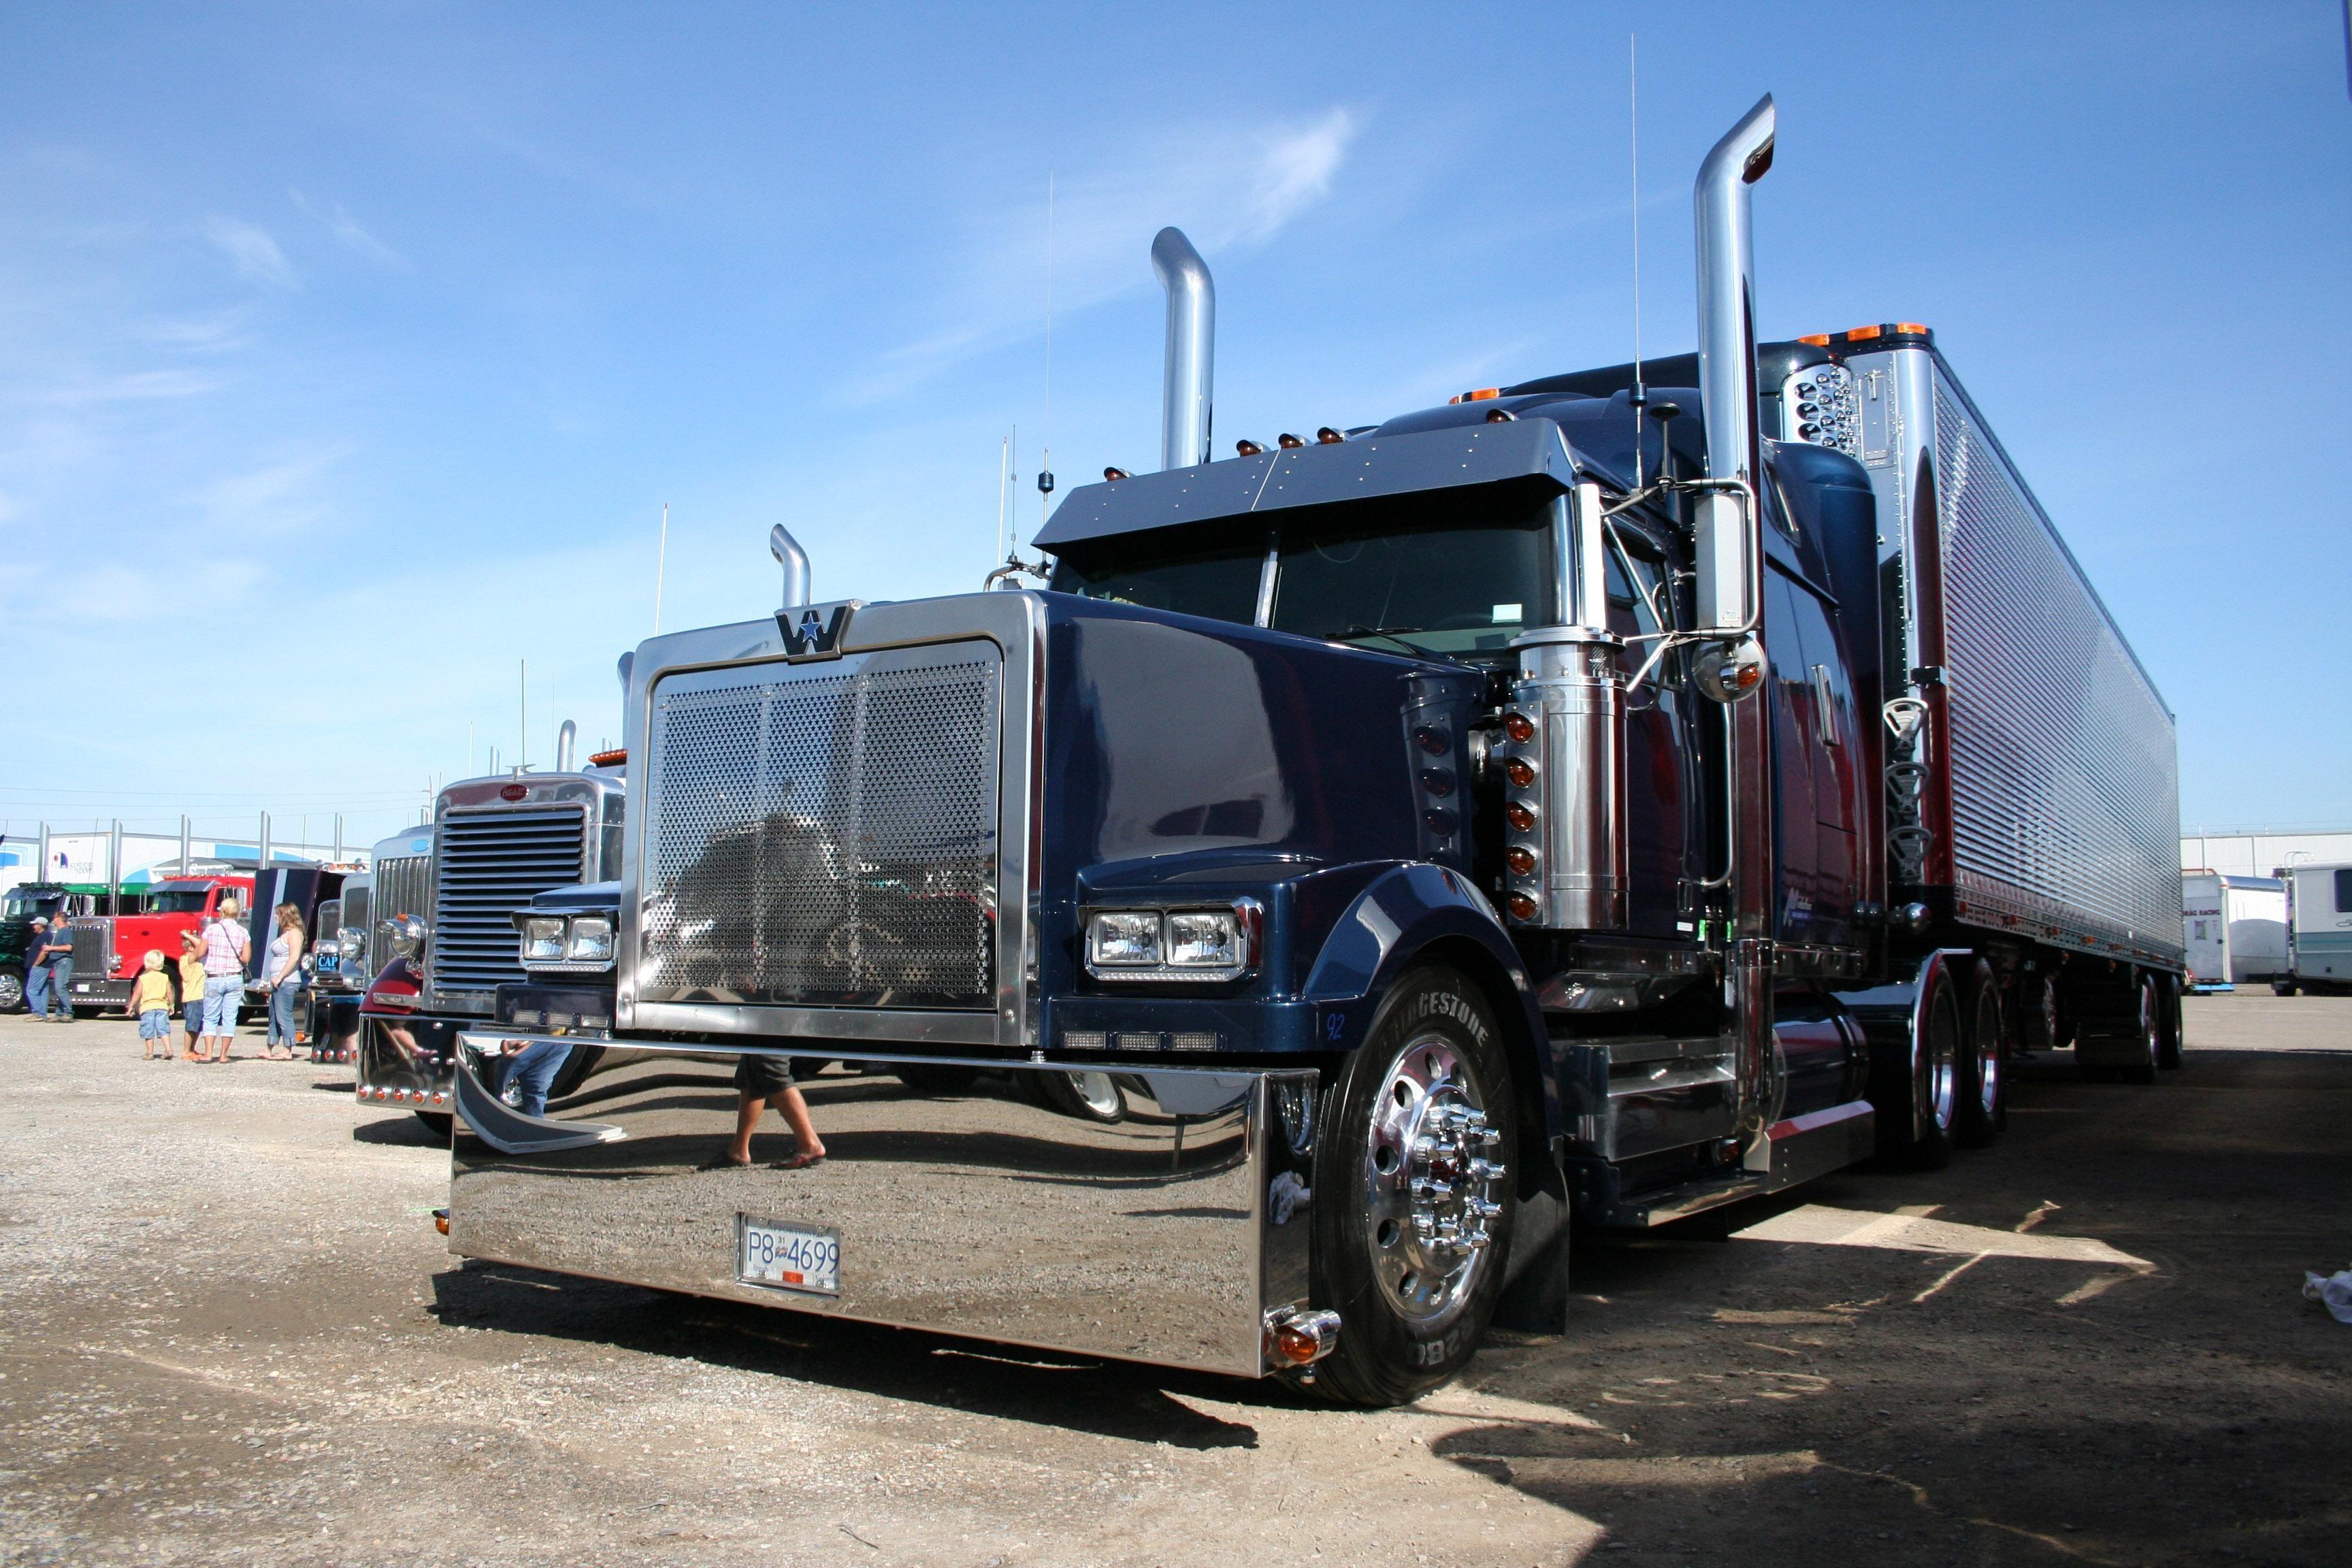 Trucking Western Star Trucks Big Trucks Built Truck